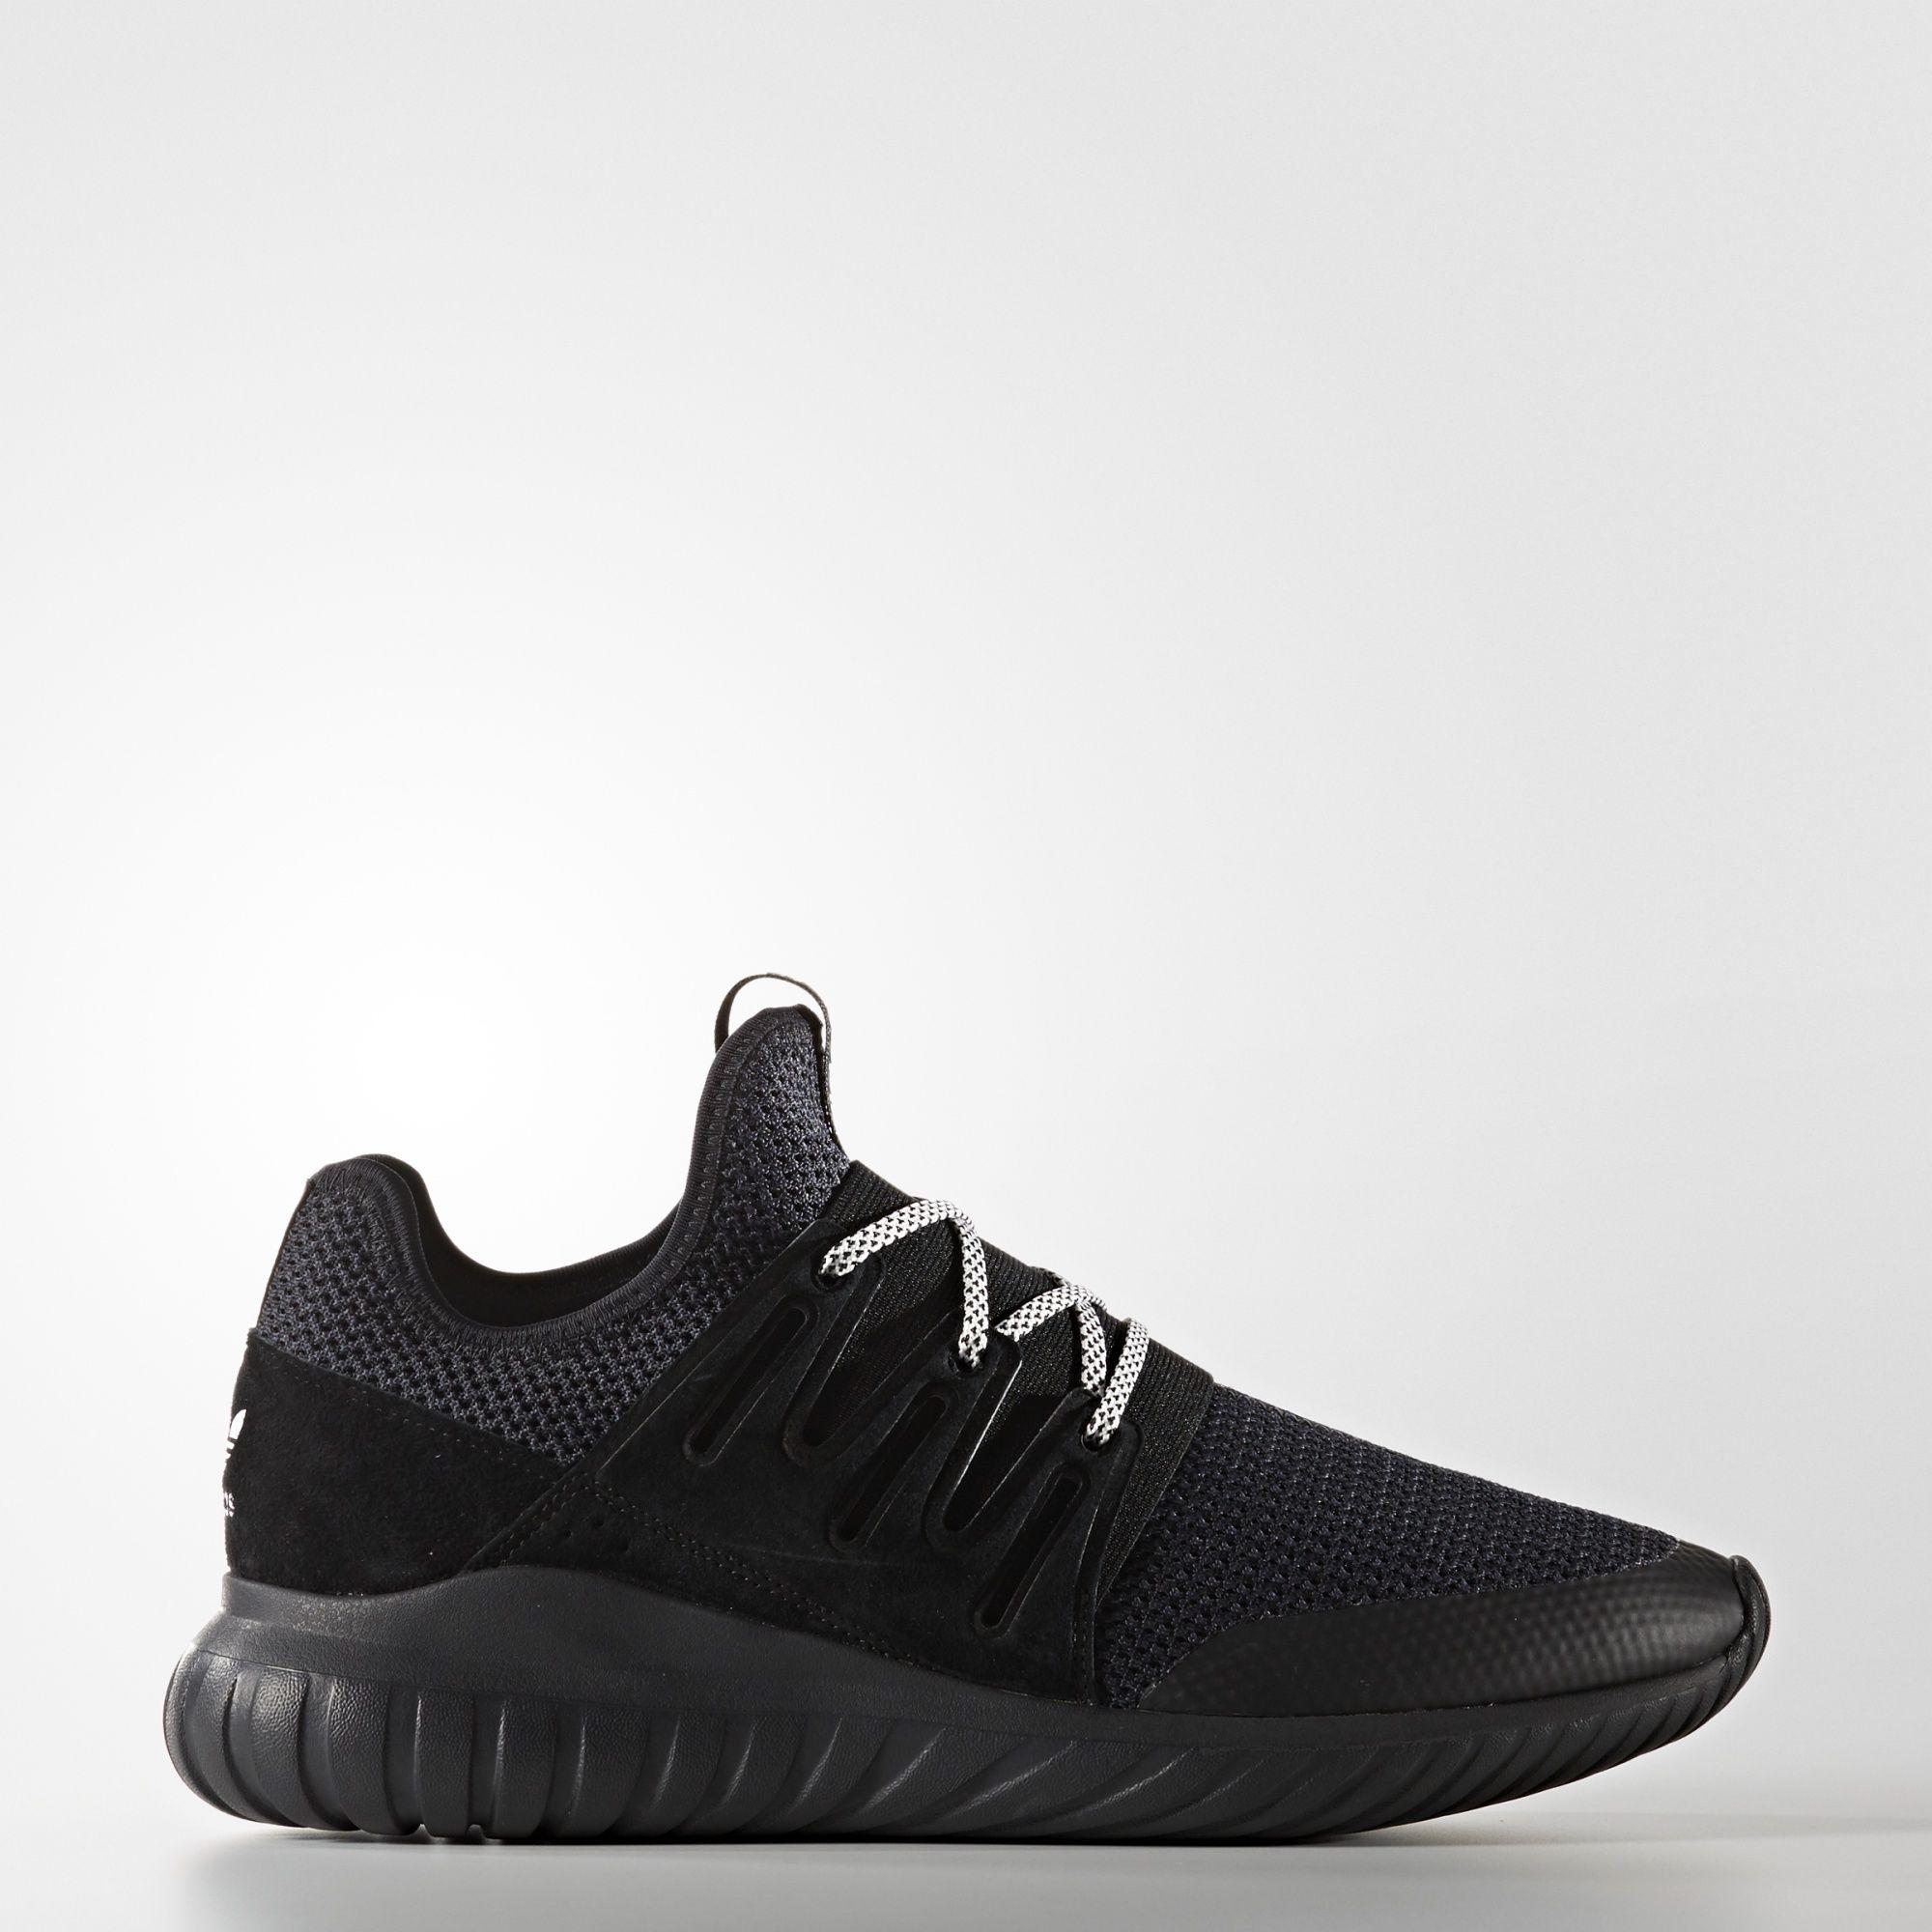 4800a4a79908 adidas - Tubular Radial Shoes